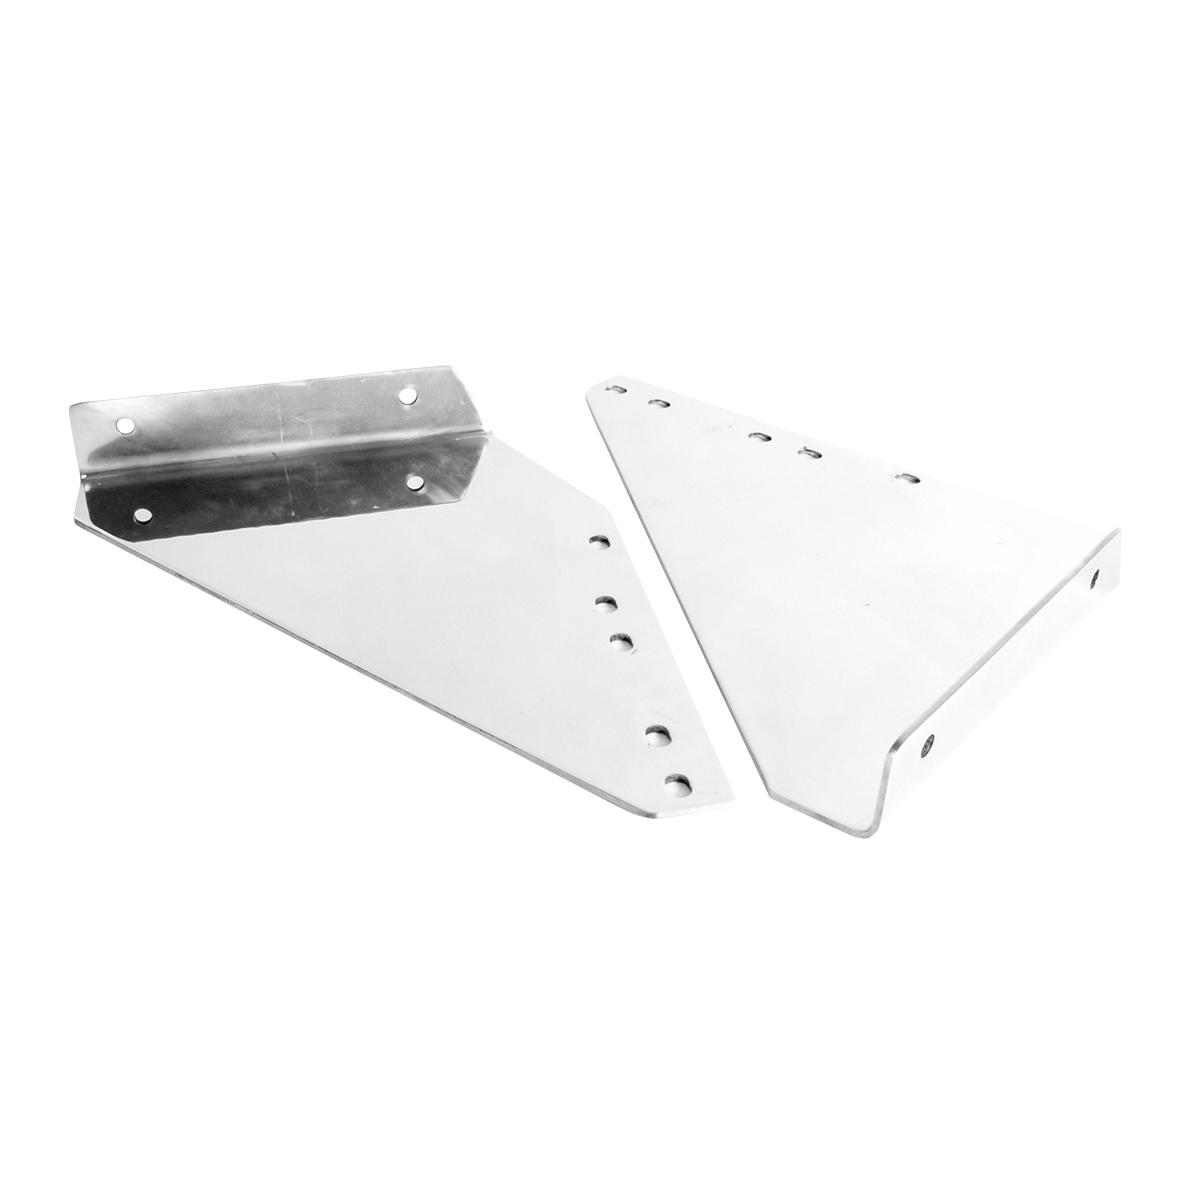 59000 KW Stainless Steel Heavy Duty Side Steps